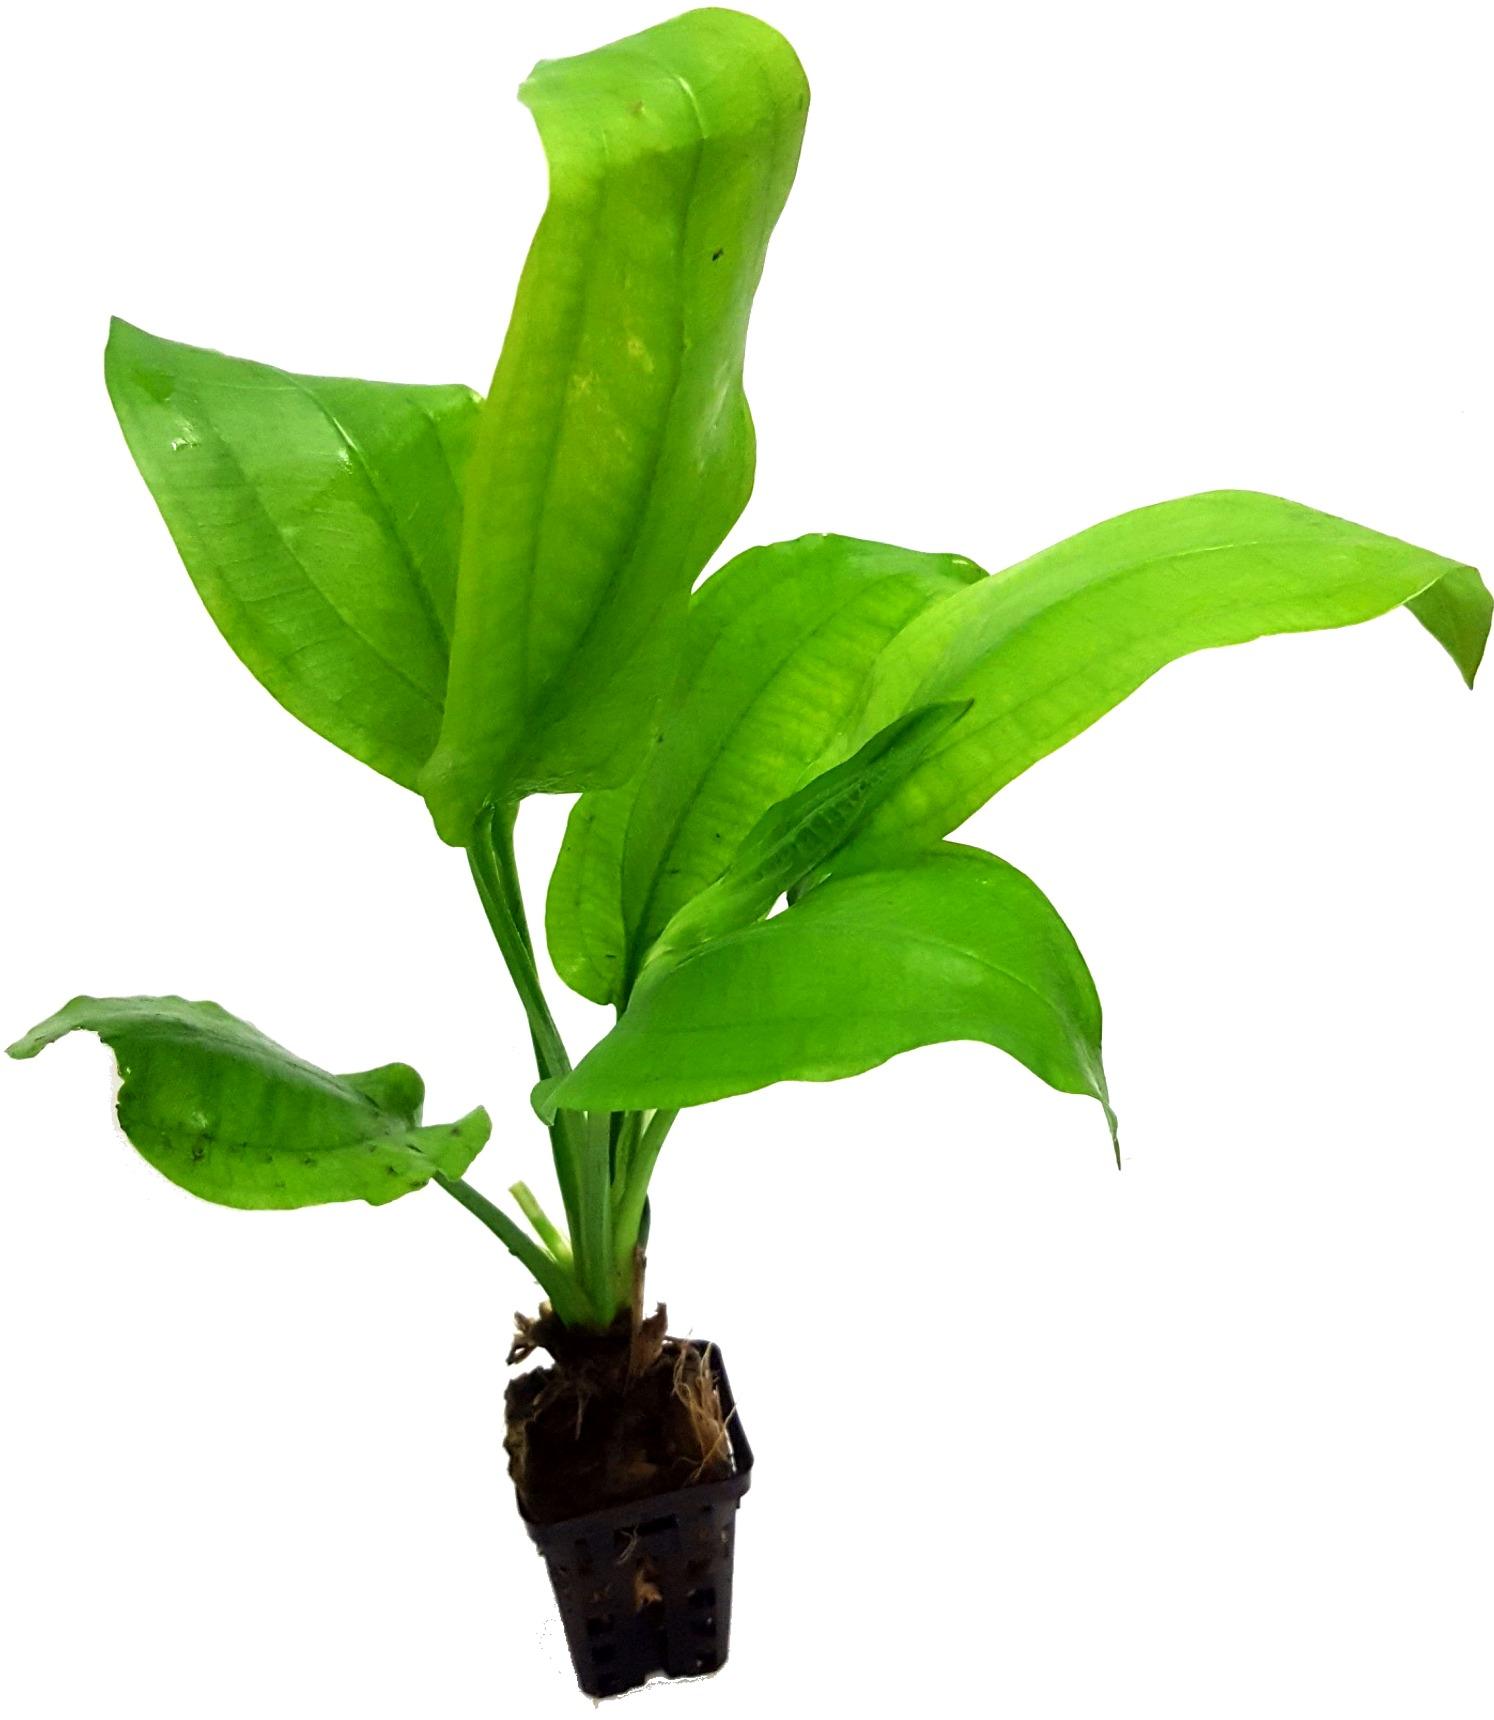 Echinodorus Bleheri plante d\'aquarium en pot de diamètre 5 cm